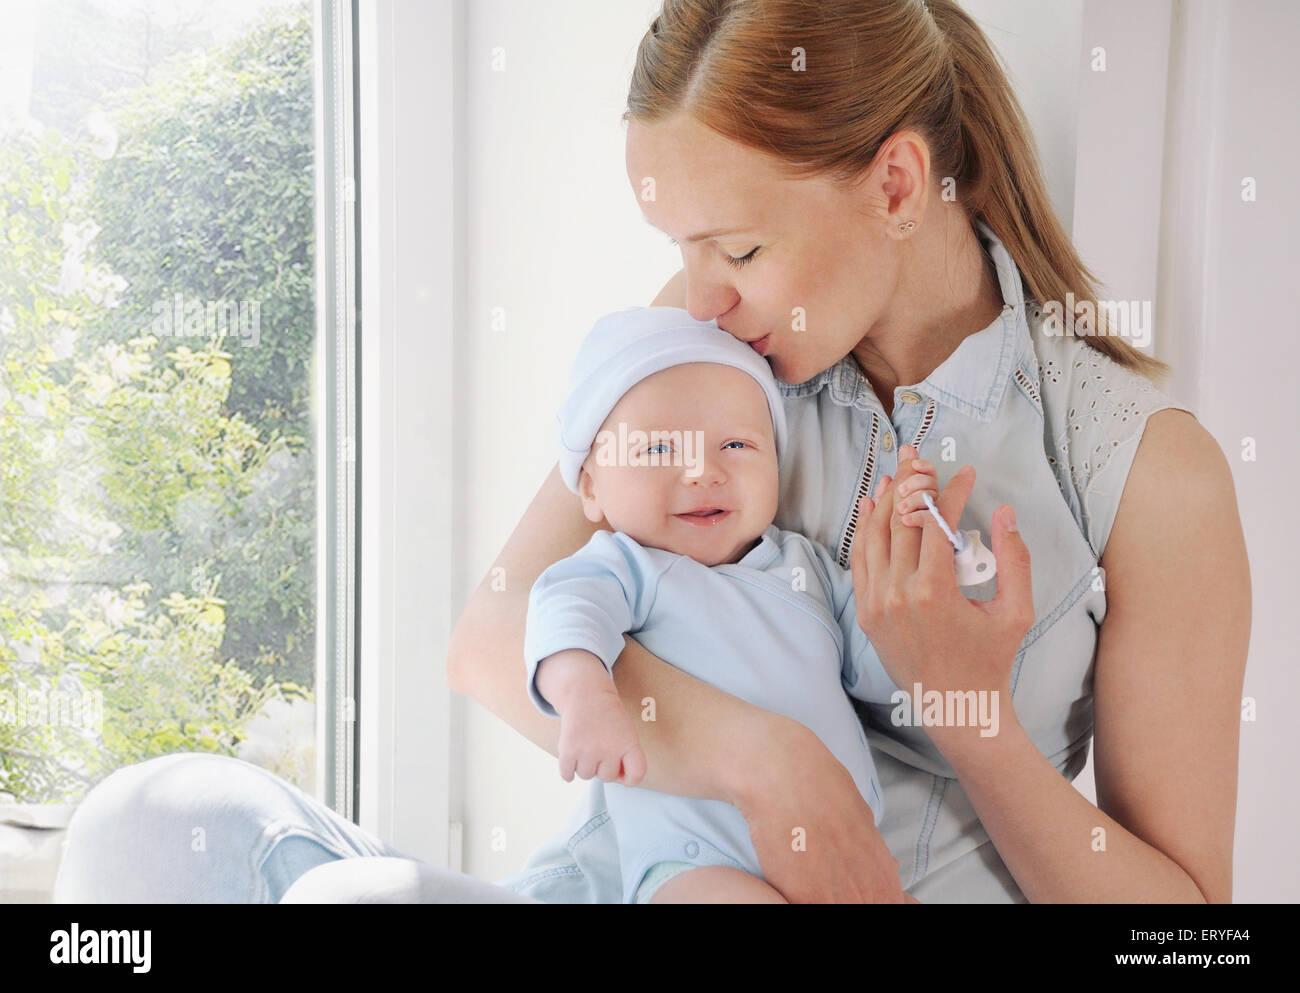 Mutter und ihr Neugeborenes, Mutterschaft Konzept, weiches Bild schöne Familie Stockbild